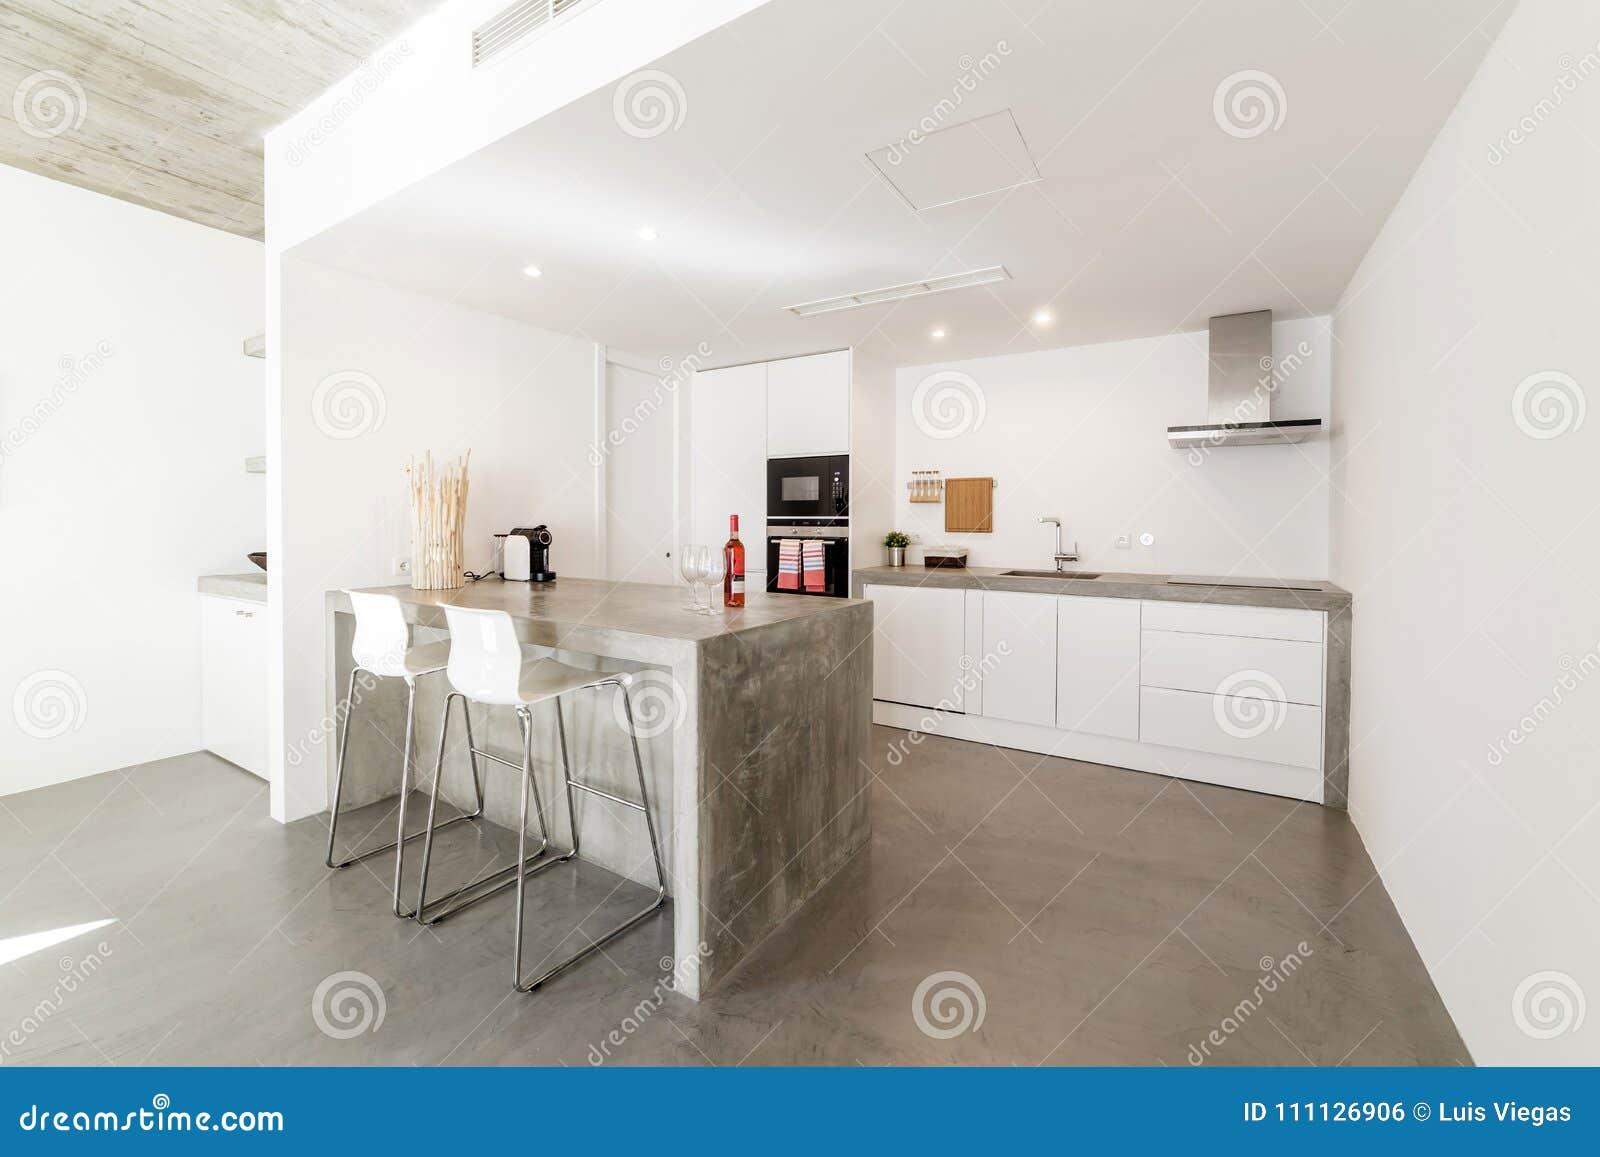 Cuisine Moderne Avec Le Plancher De Tuiles Gris Et Le Mur Blanc